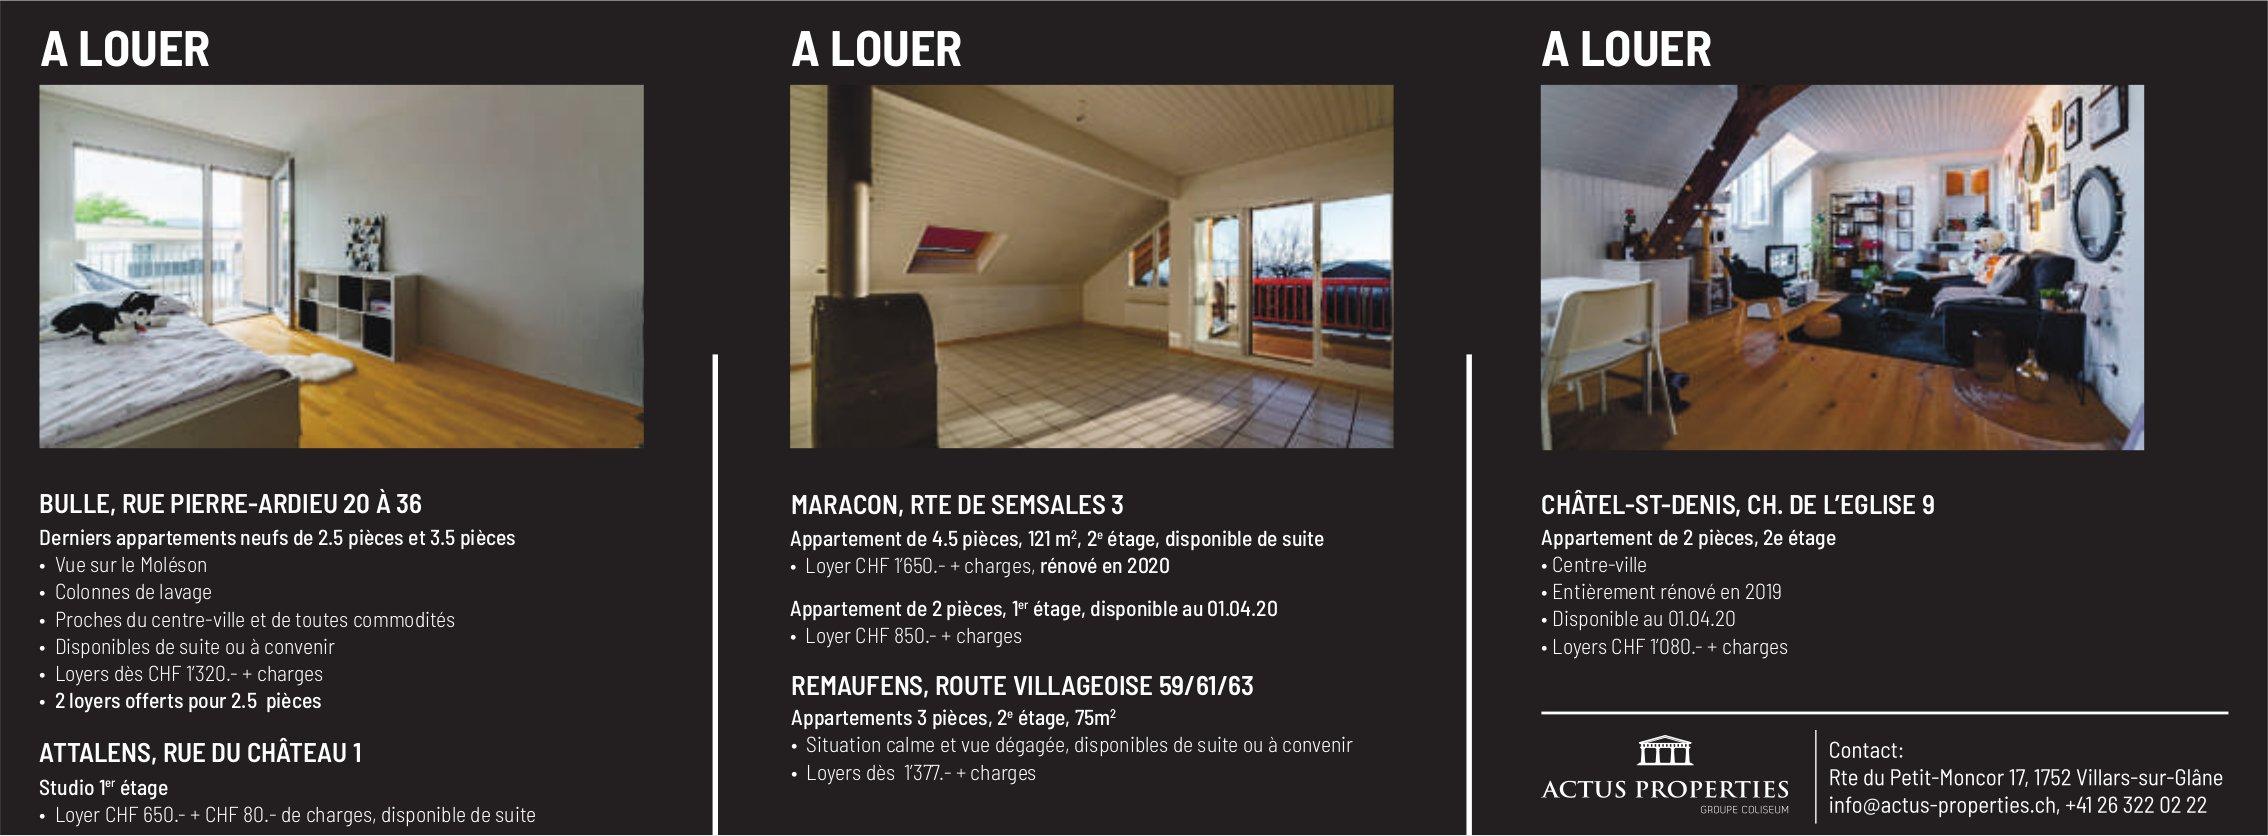 ACTUS PROPERTIES, Villars-sur-Glâne, à louer